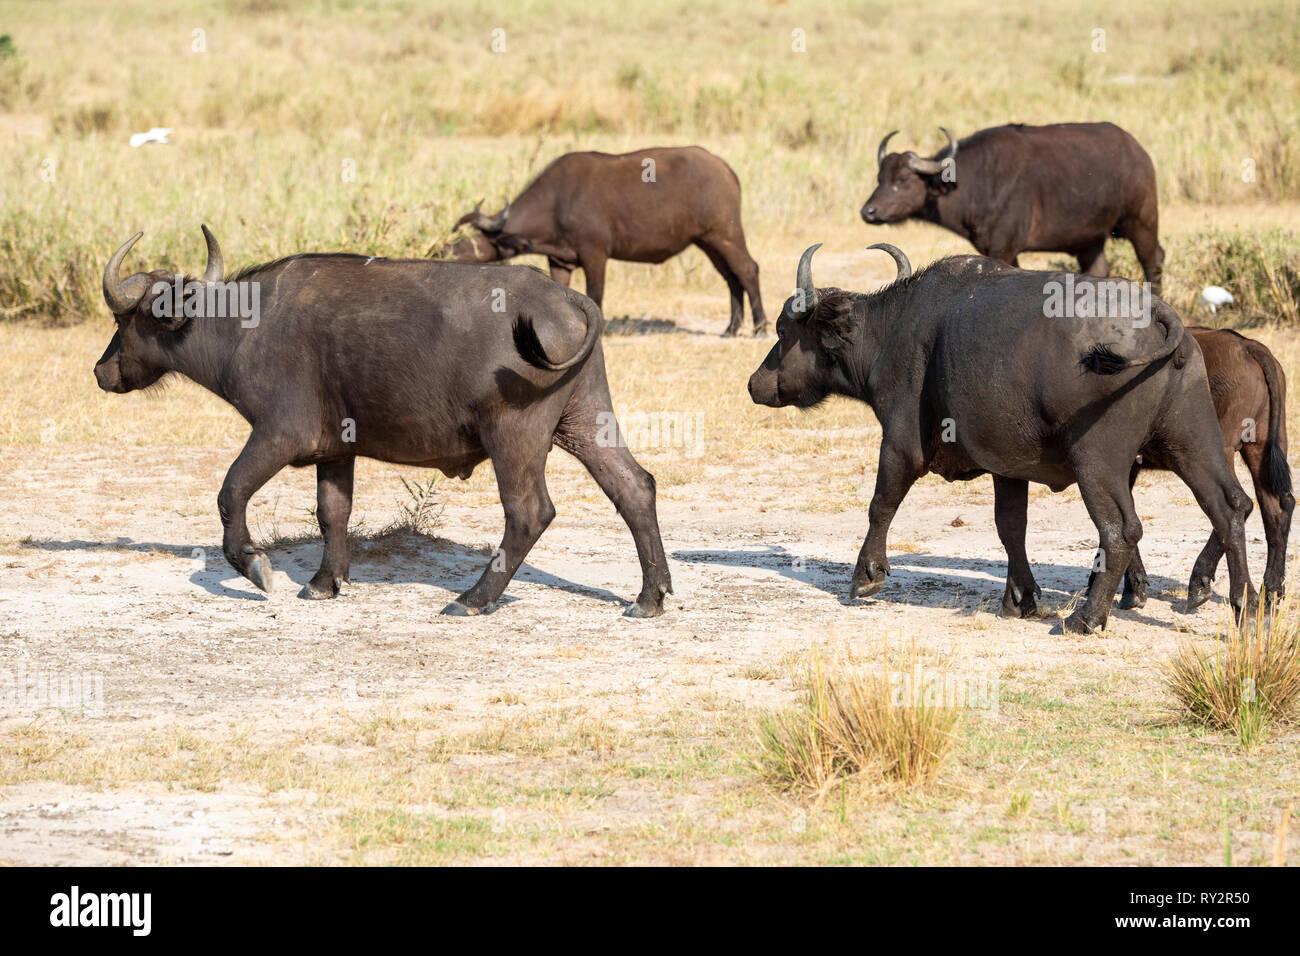 Groupe d'Afrique (syncerus caffer) bouge à Murchison Falls National Park, au nord de l'Ouganda, l'Afrique de l'Est Photo Stock